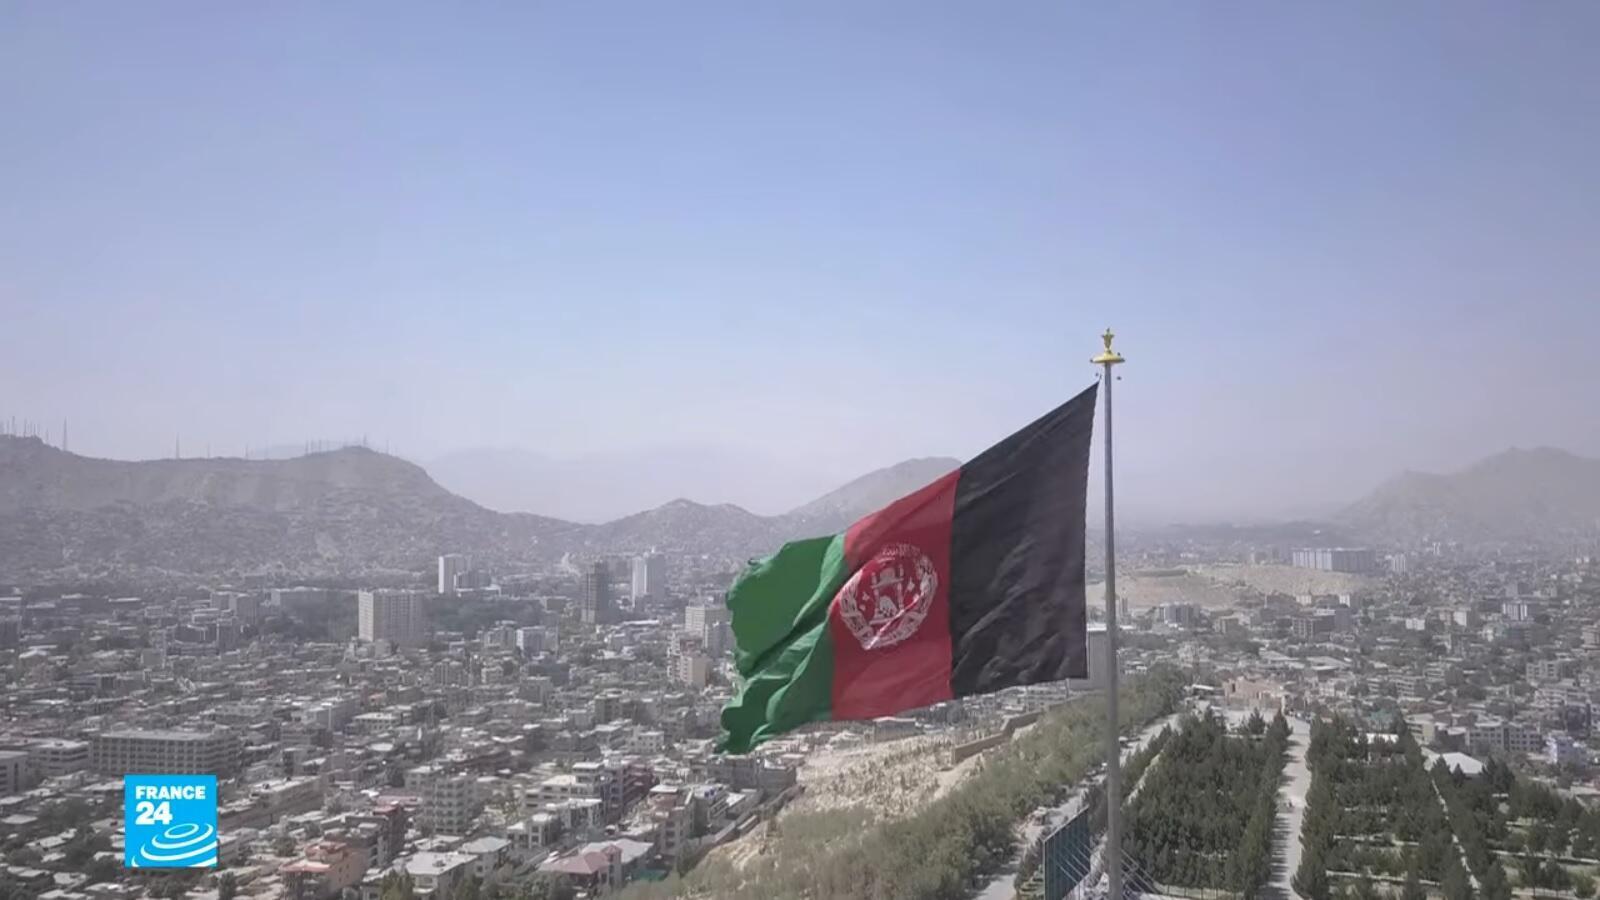 مراسلون أفغانستان 20-09-2020